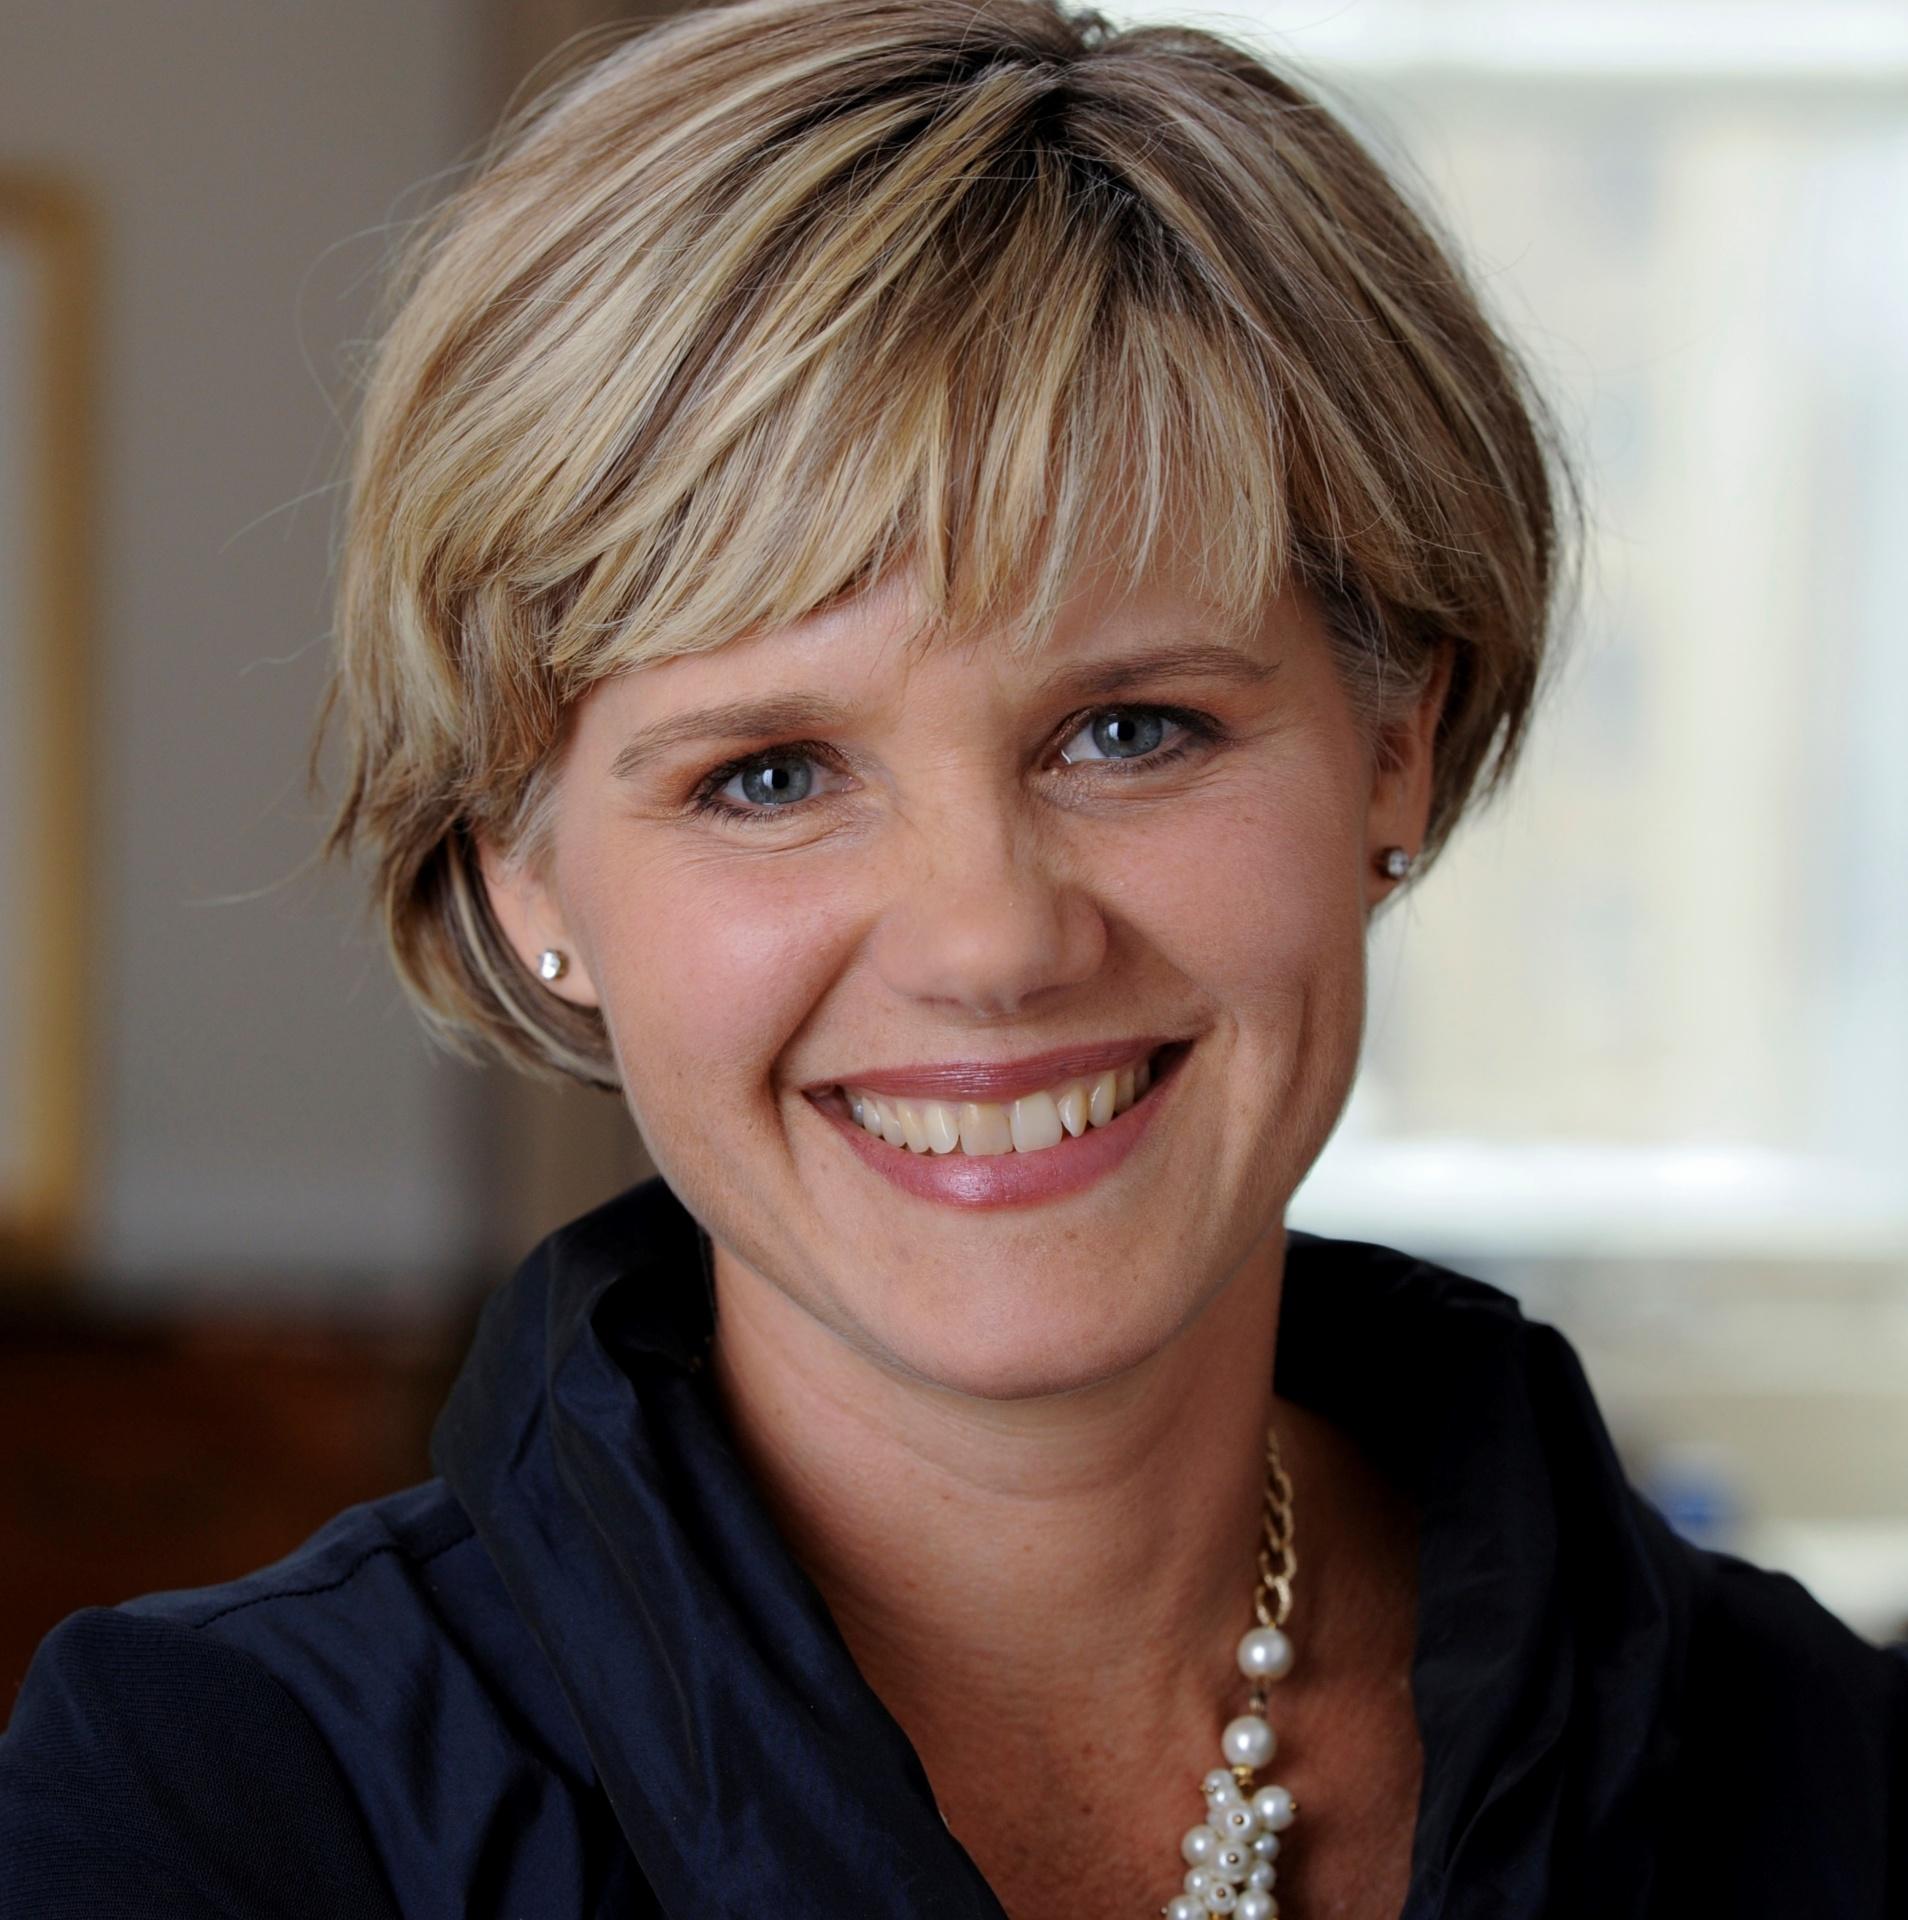 Jackie Vanderbrug